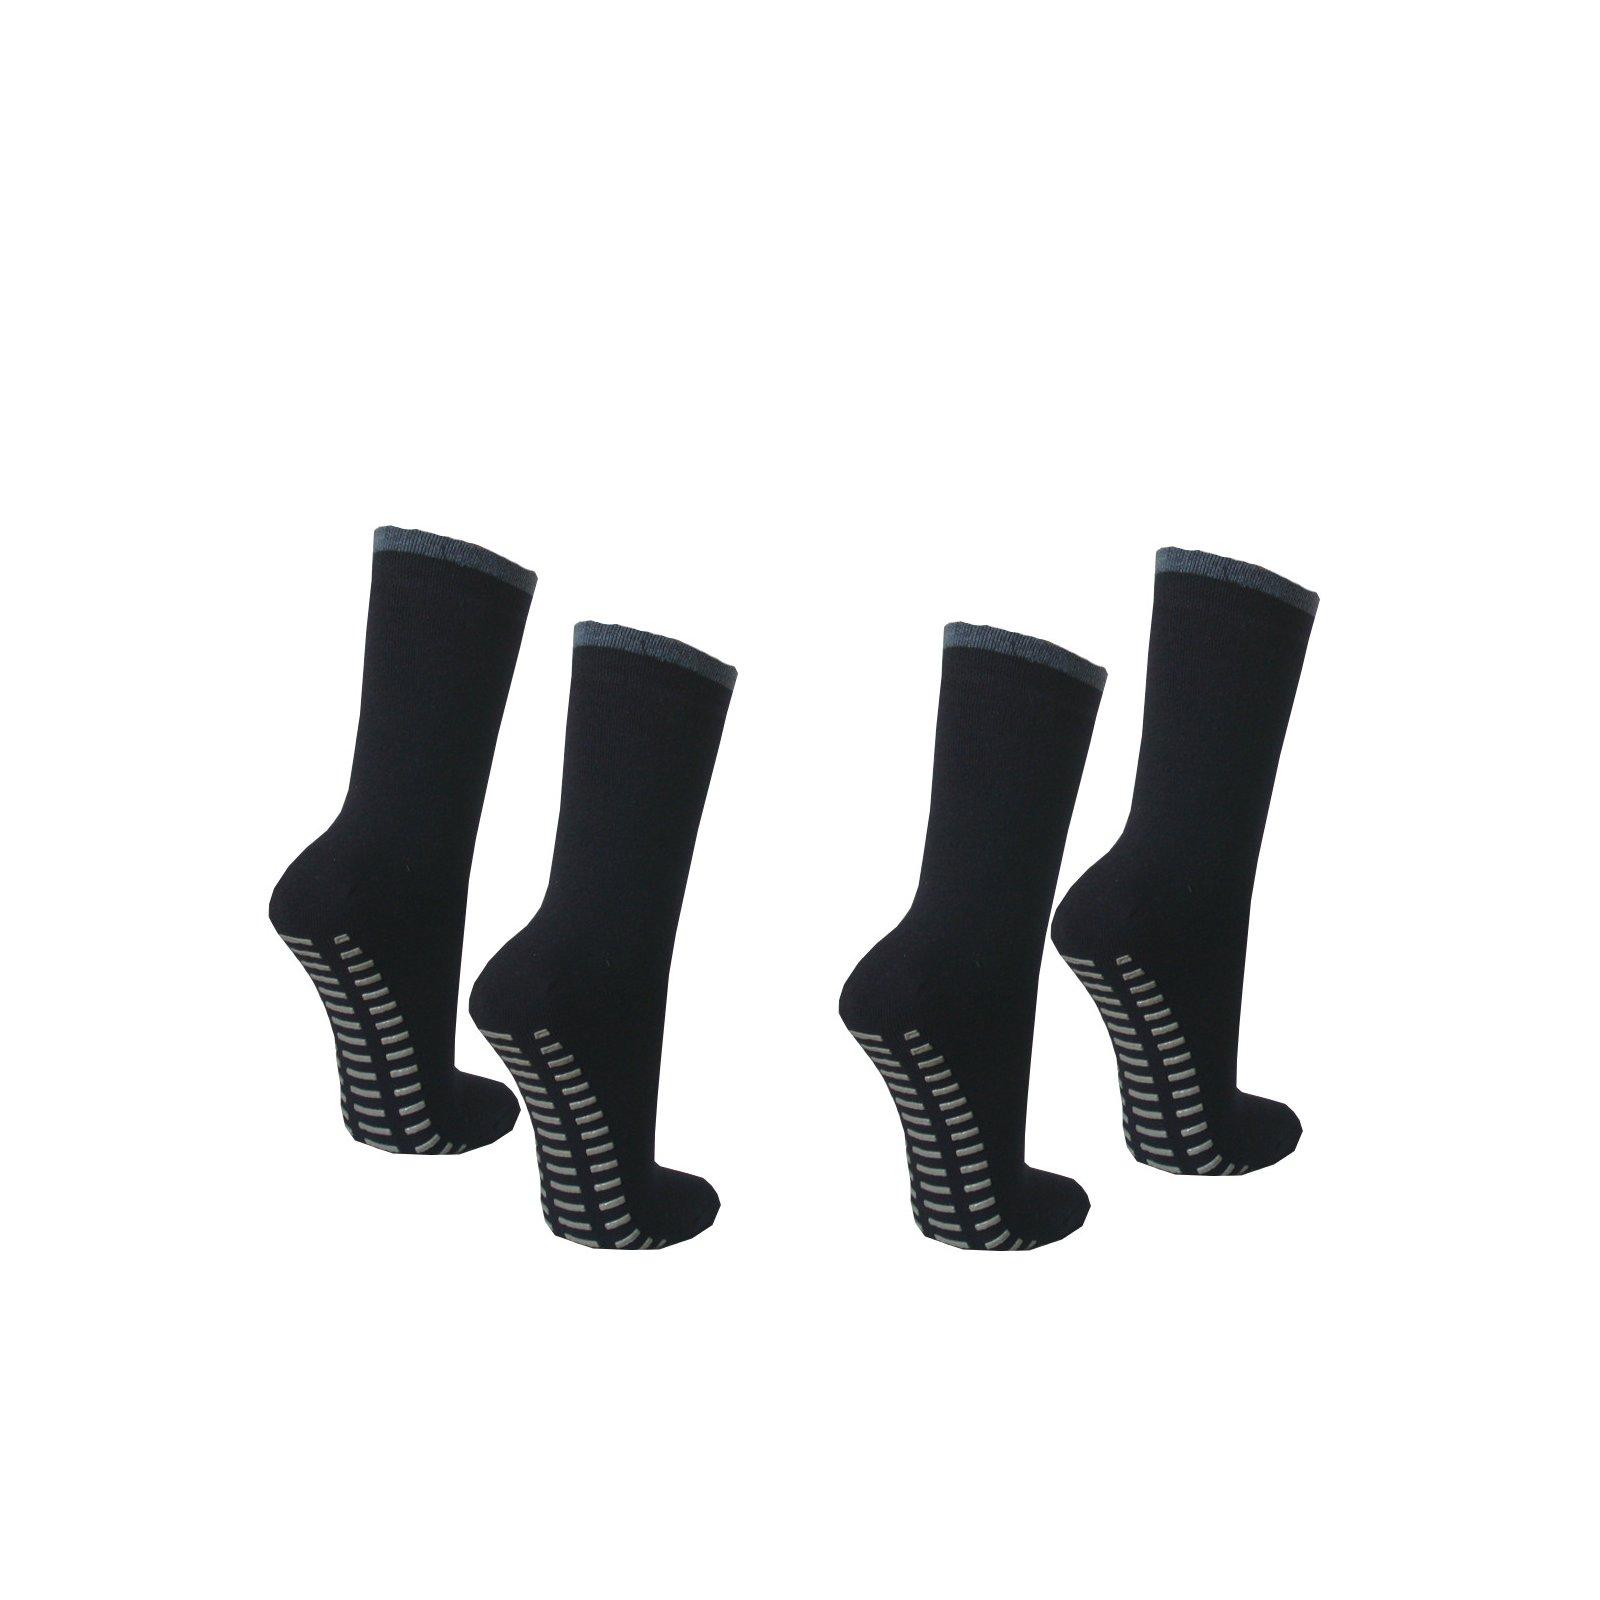 Damen Mädchen Unisex 3D Katz Ankle Socken Kurzsocken Casual Strümpfe Quarter